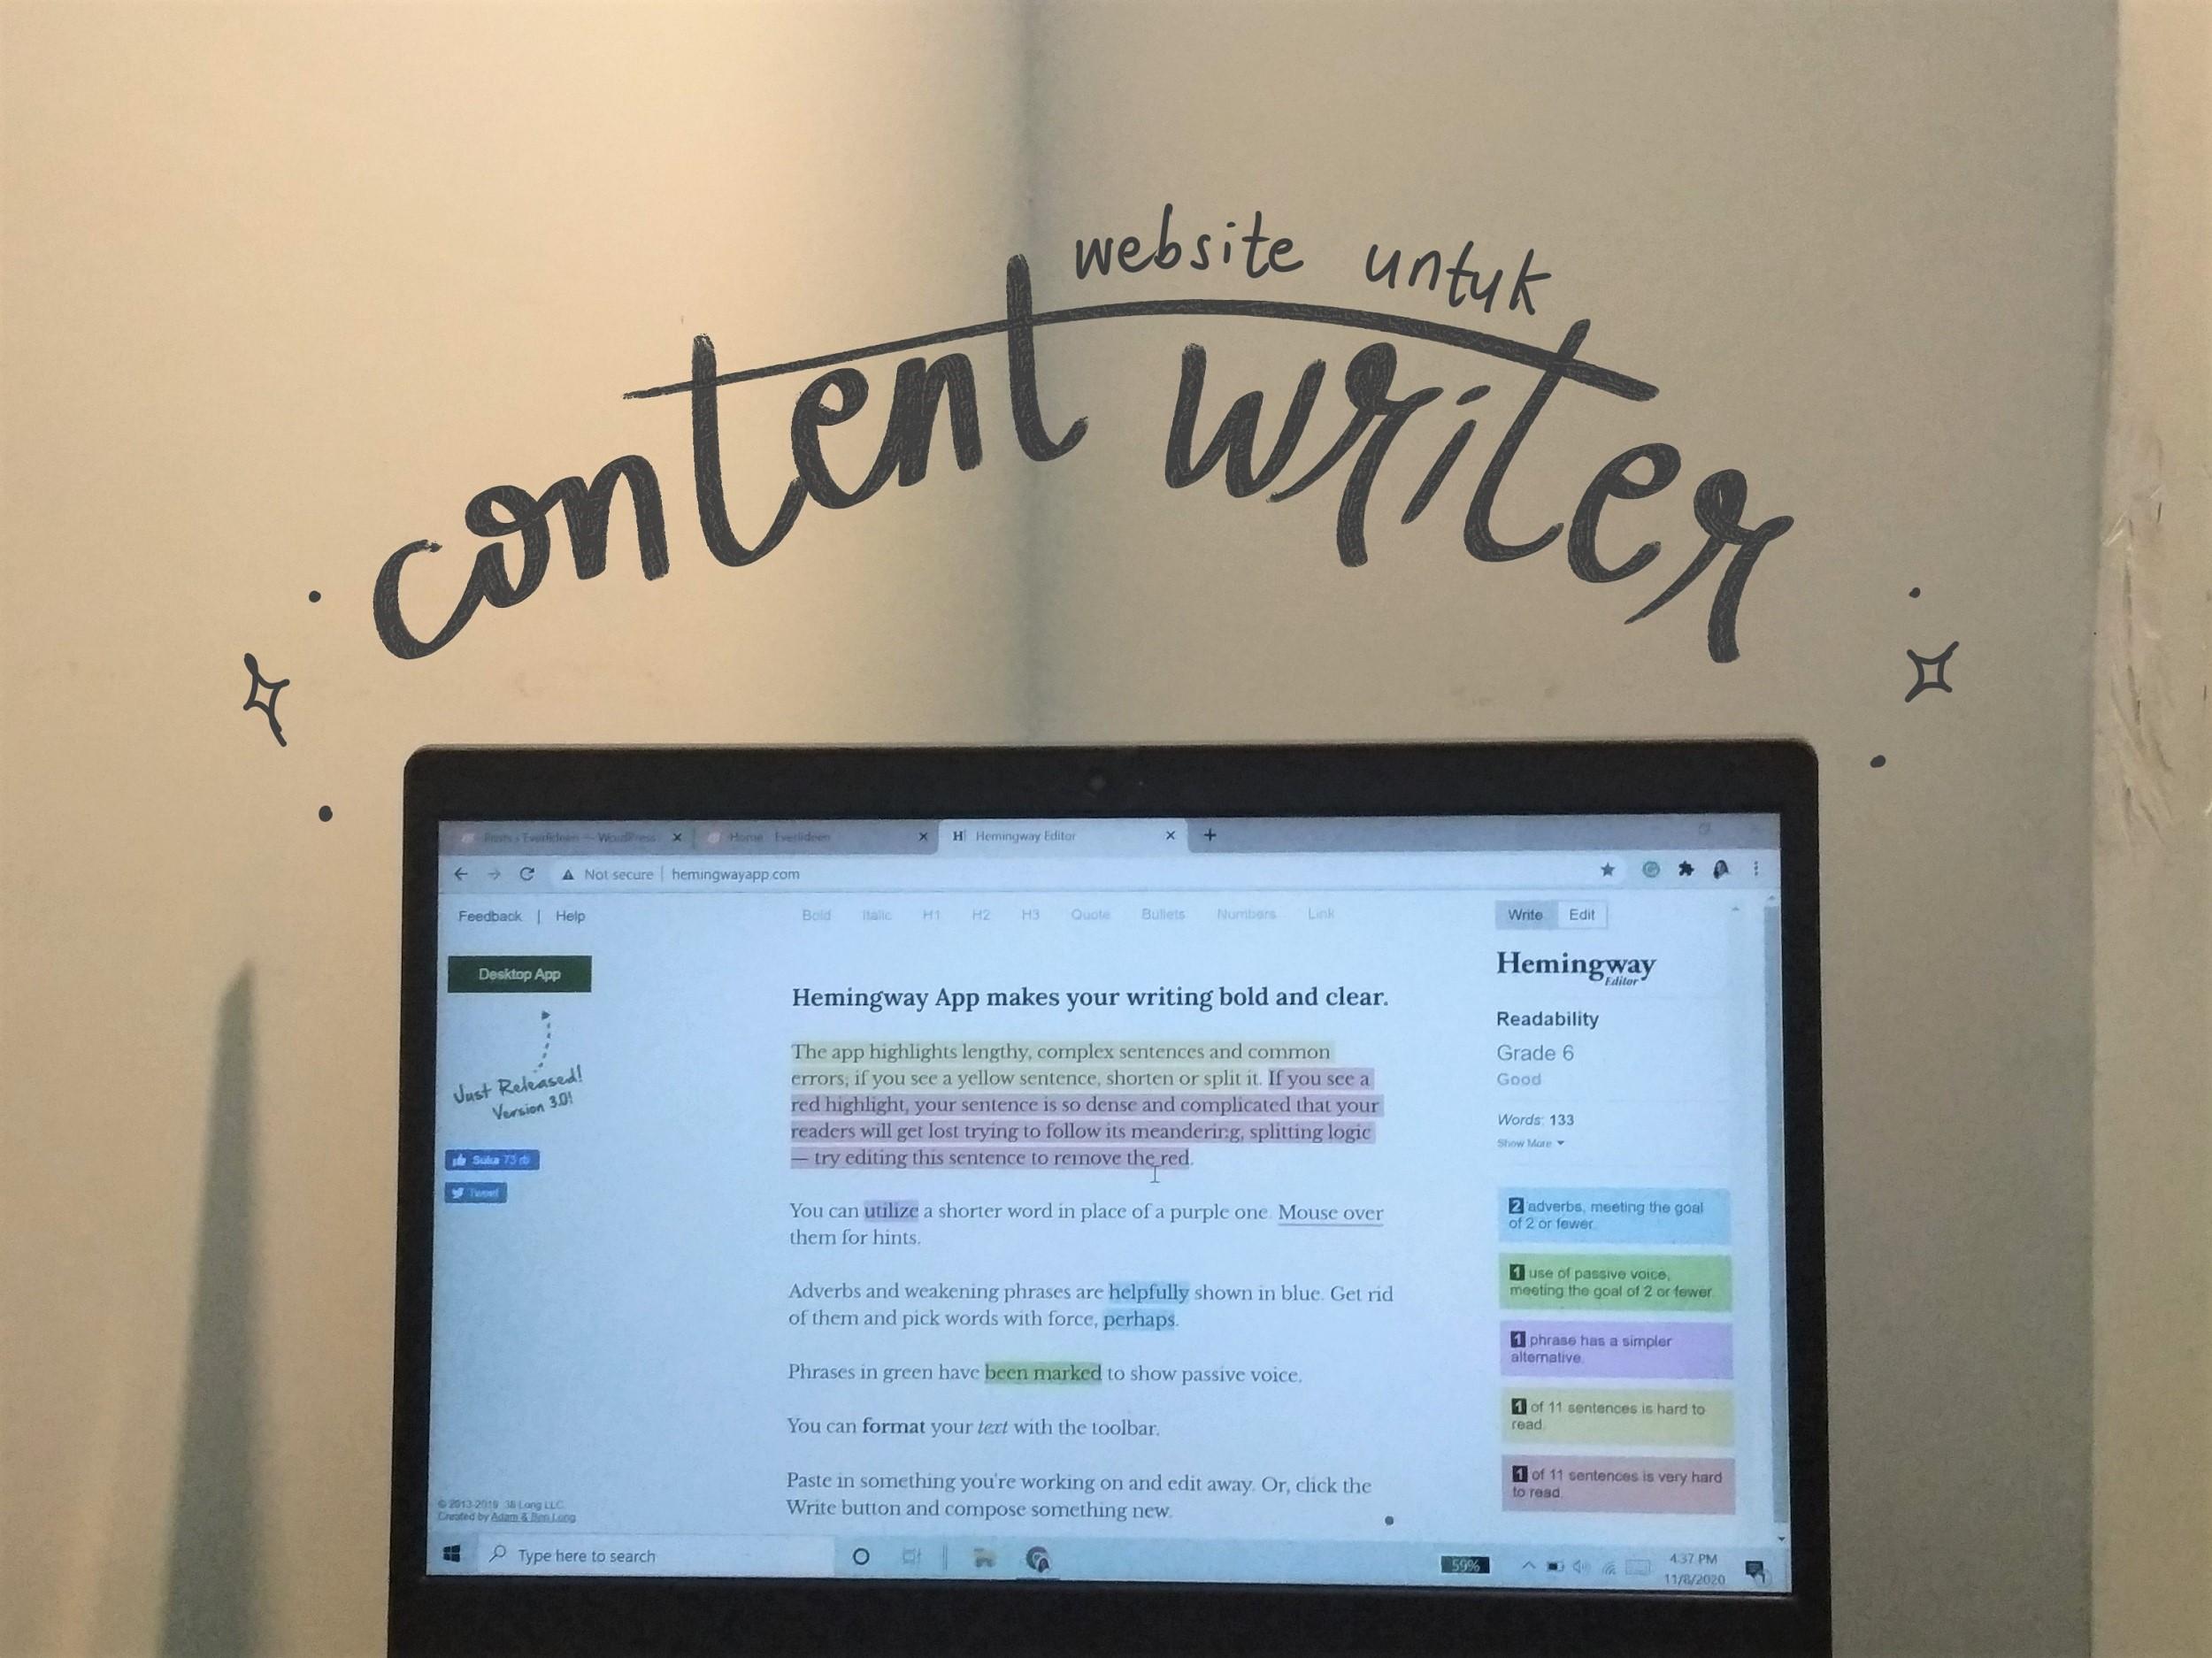 website untuk content writer